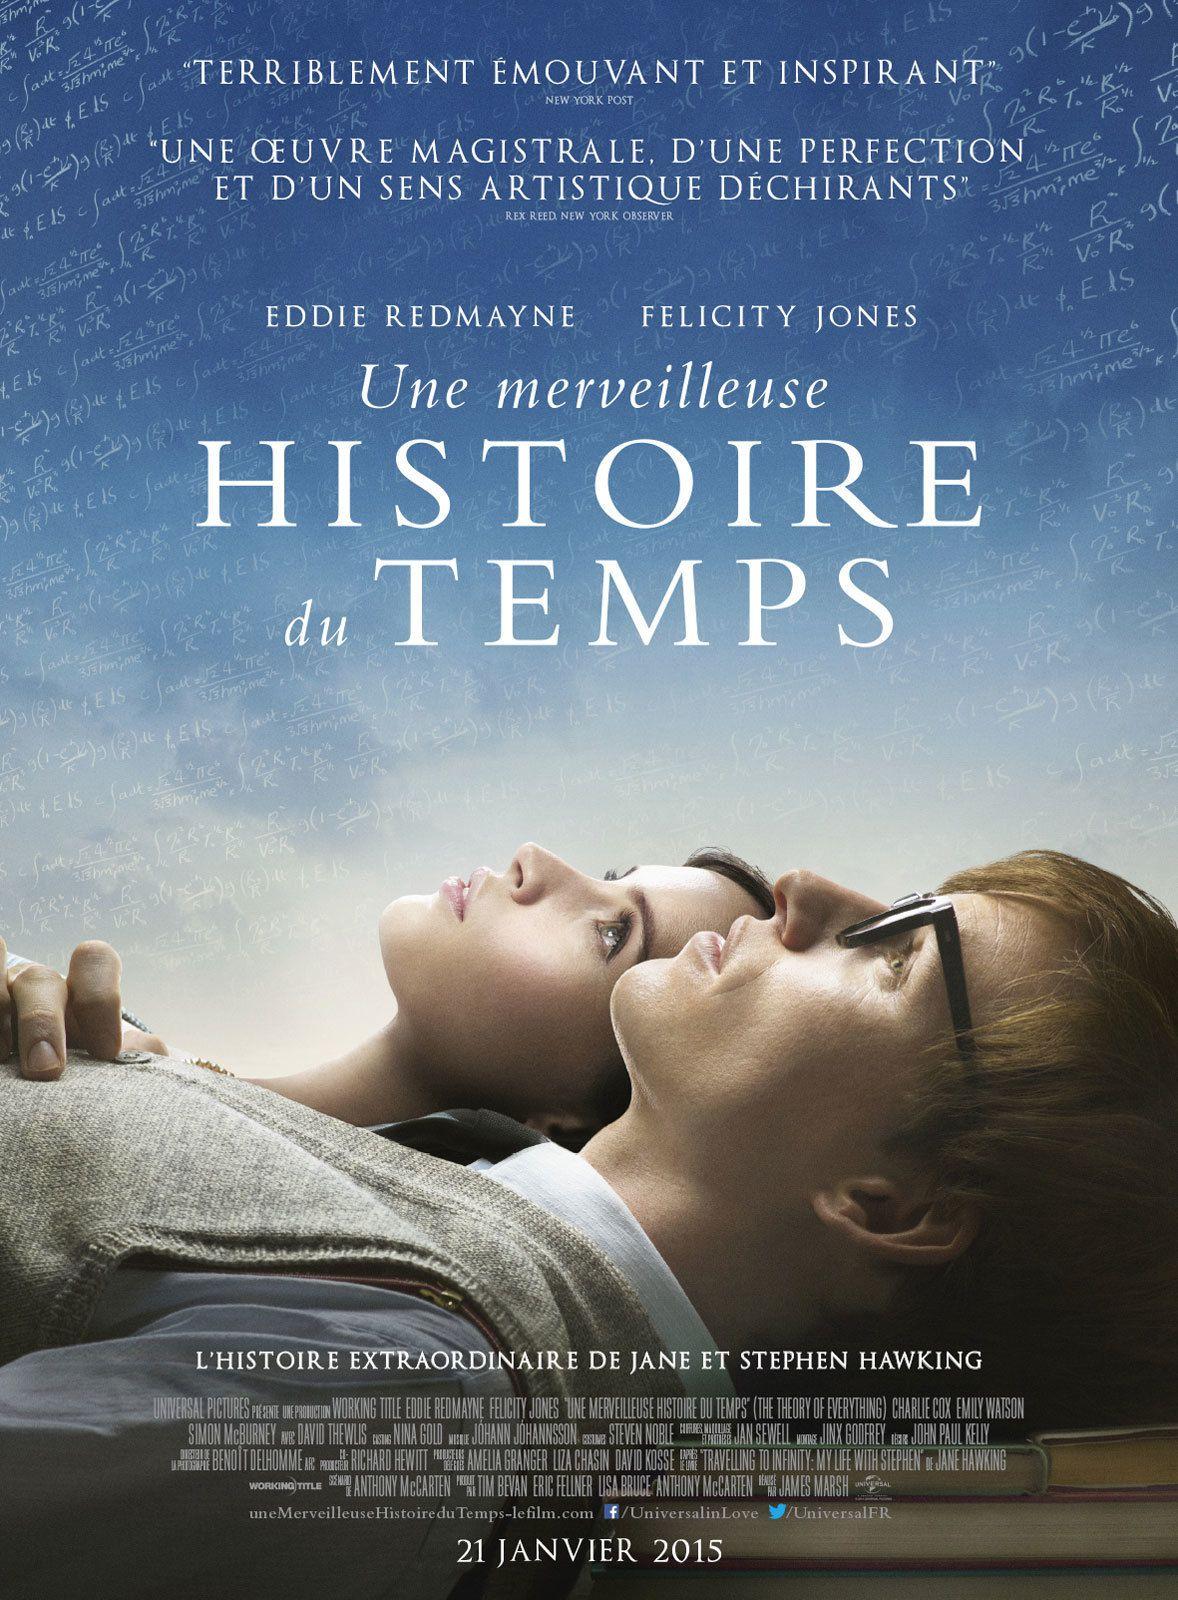 Une merveilleuse histoire du temps - Film (2014)